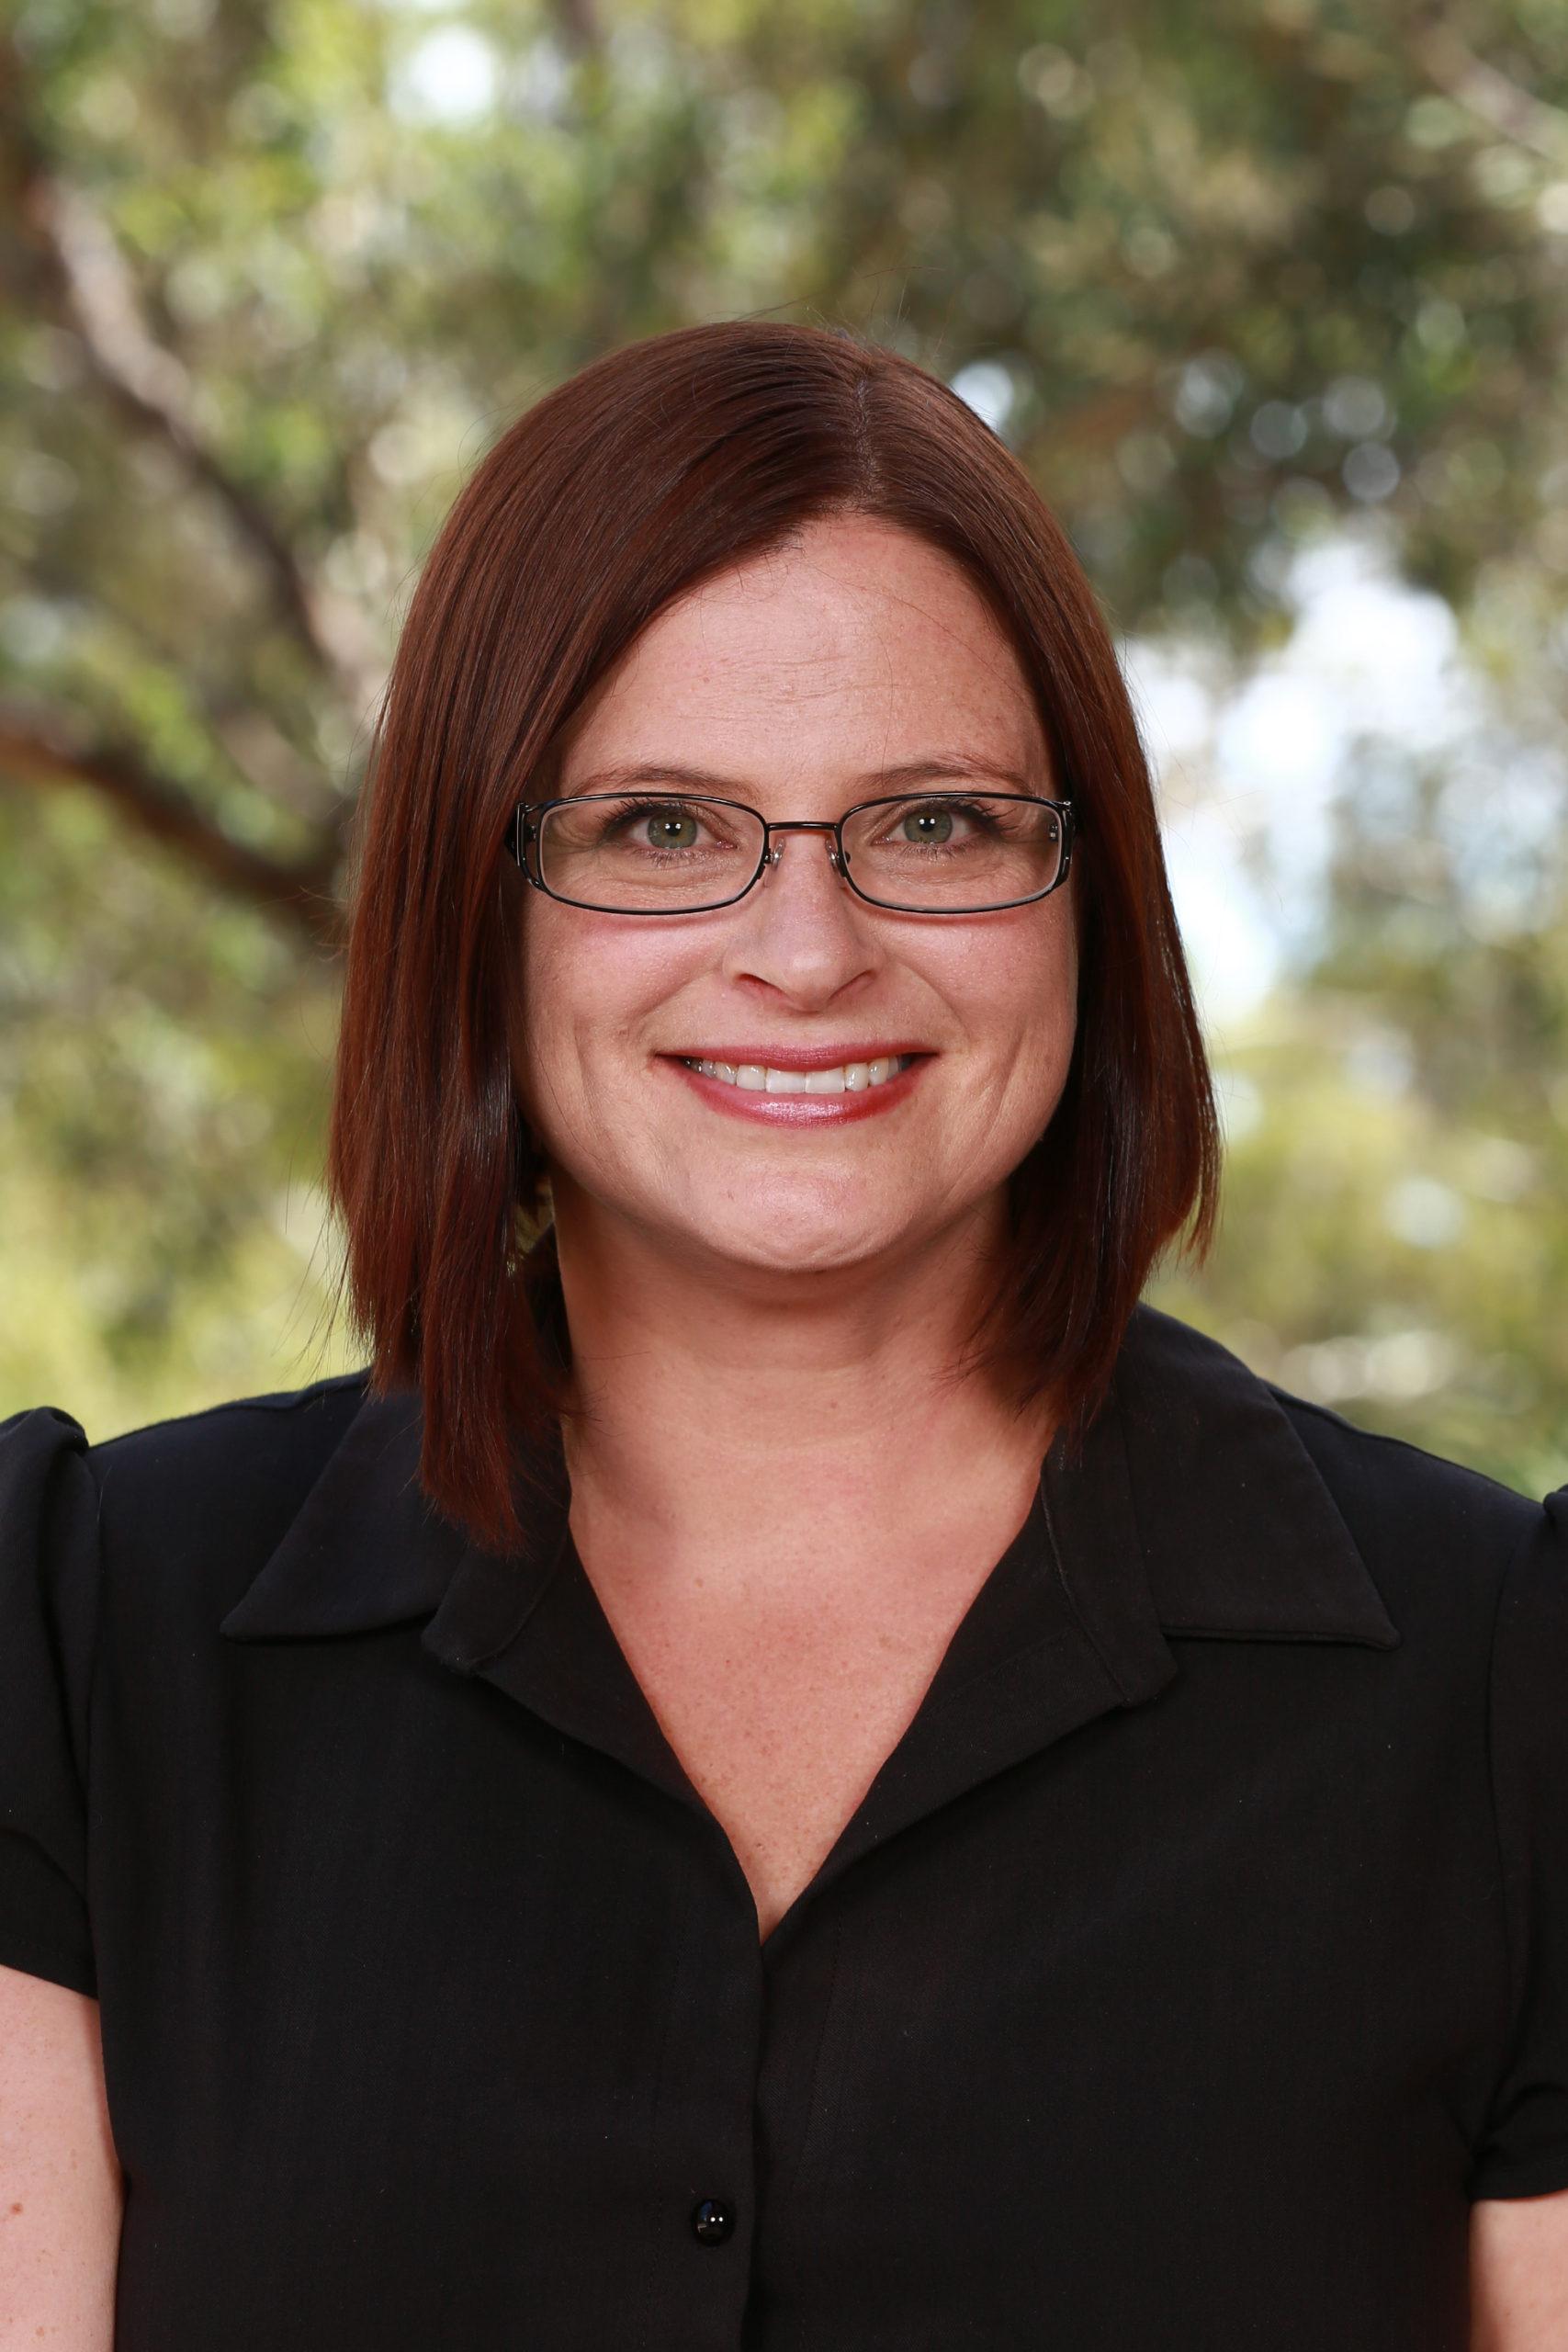 Leonie Harwood